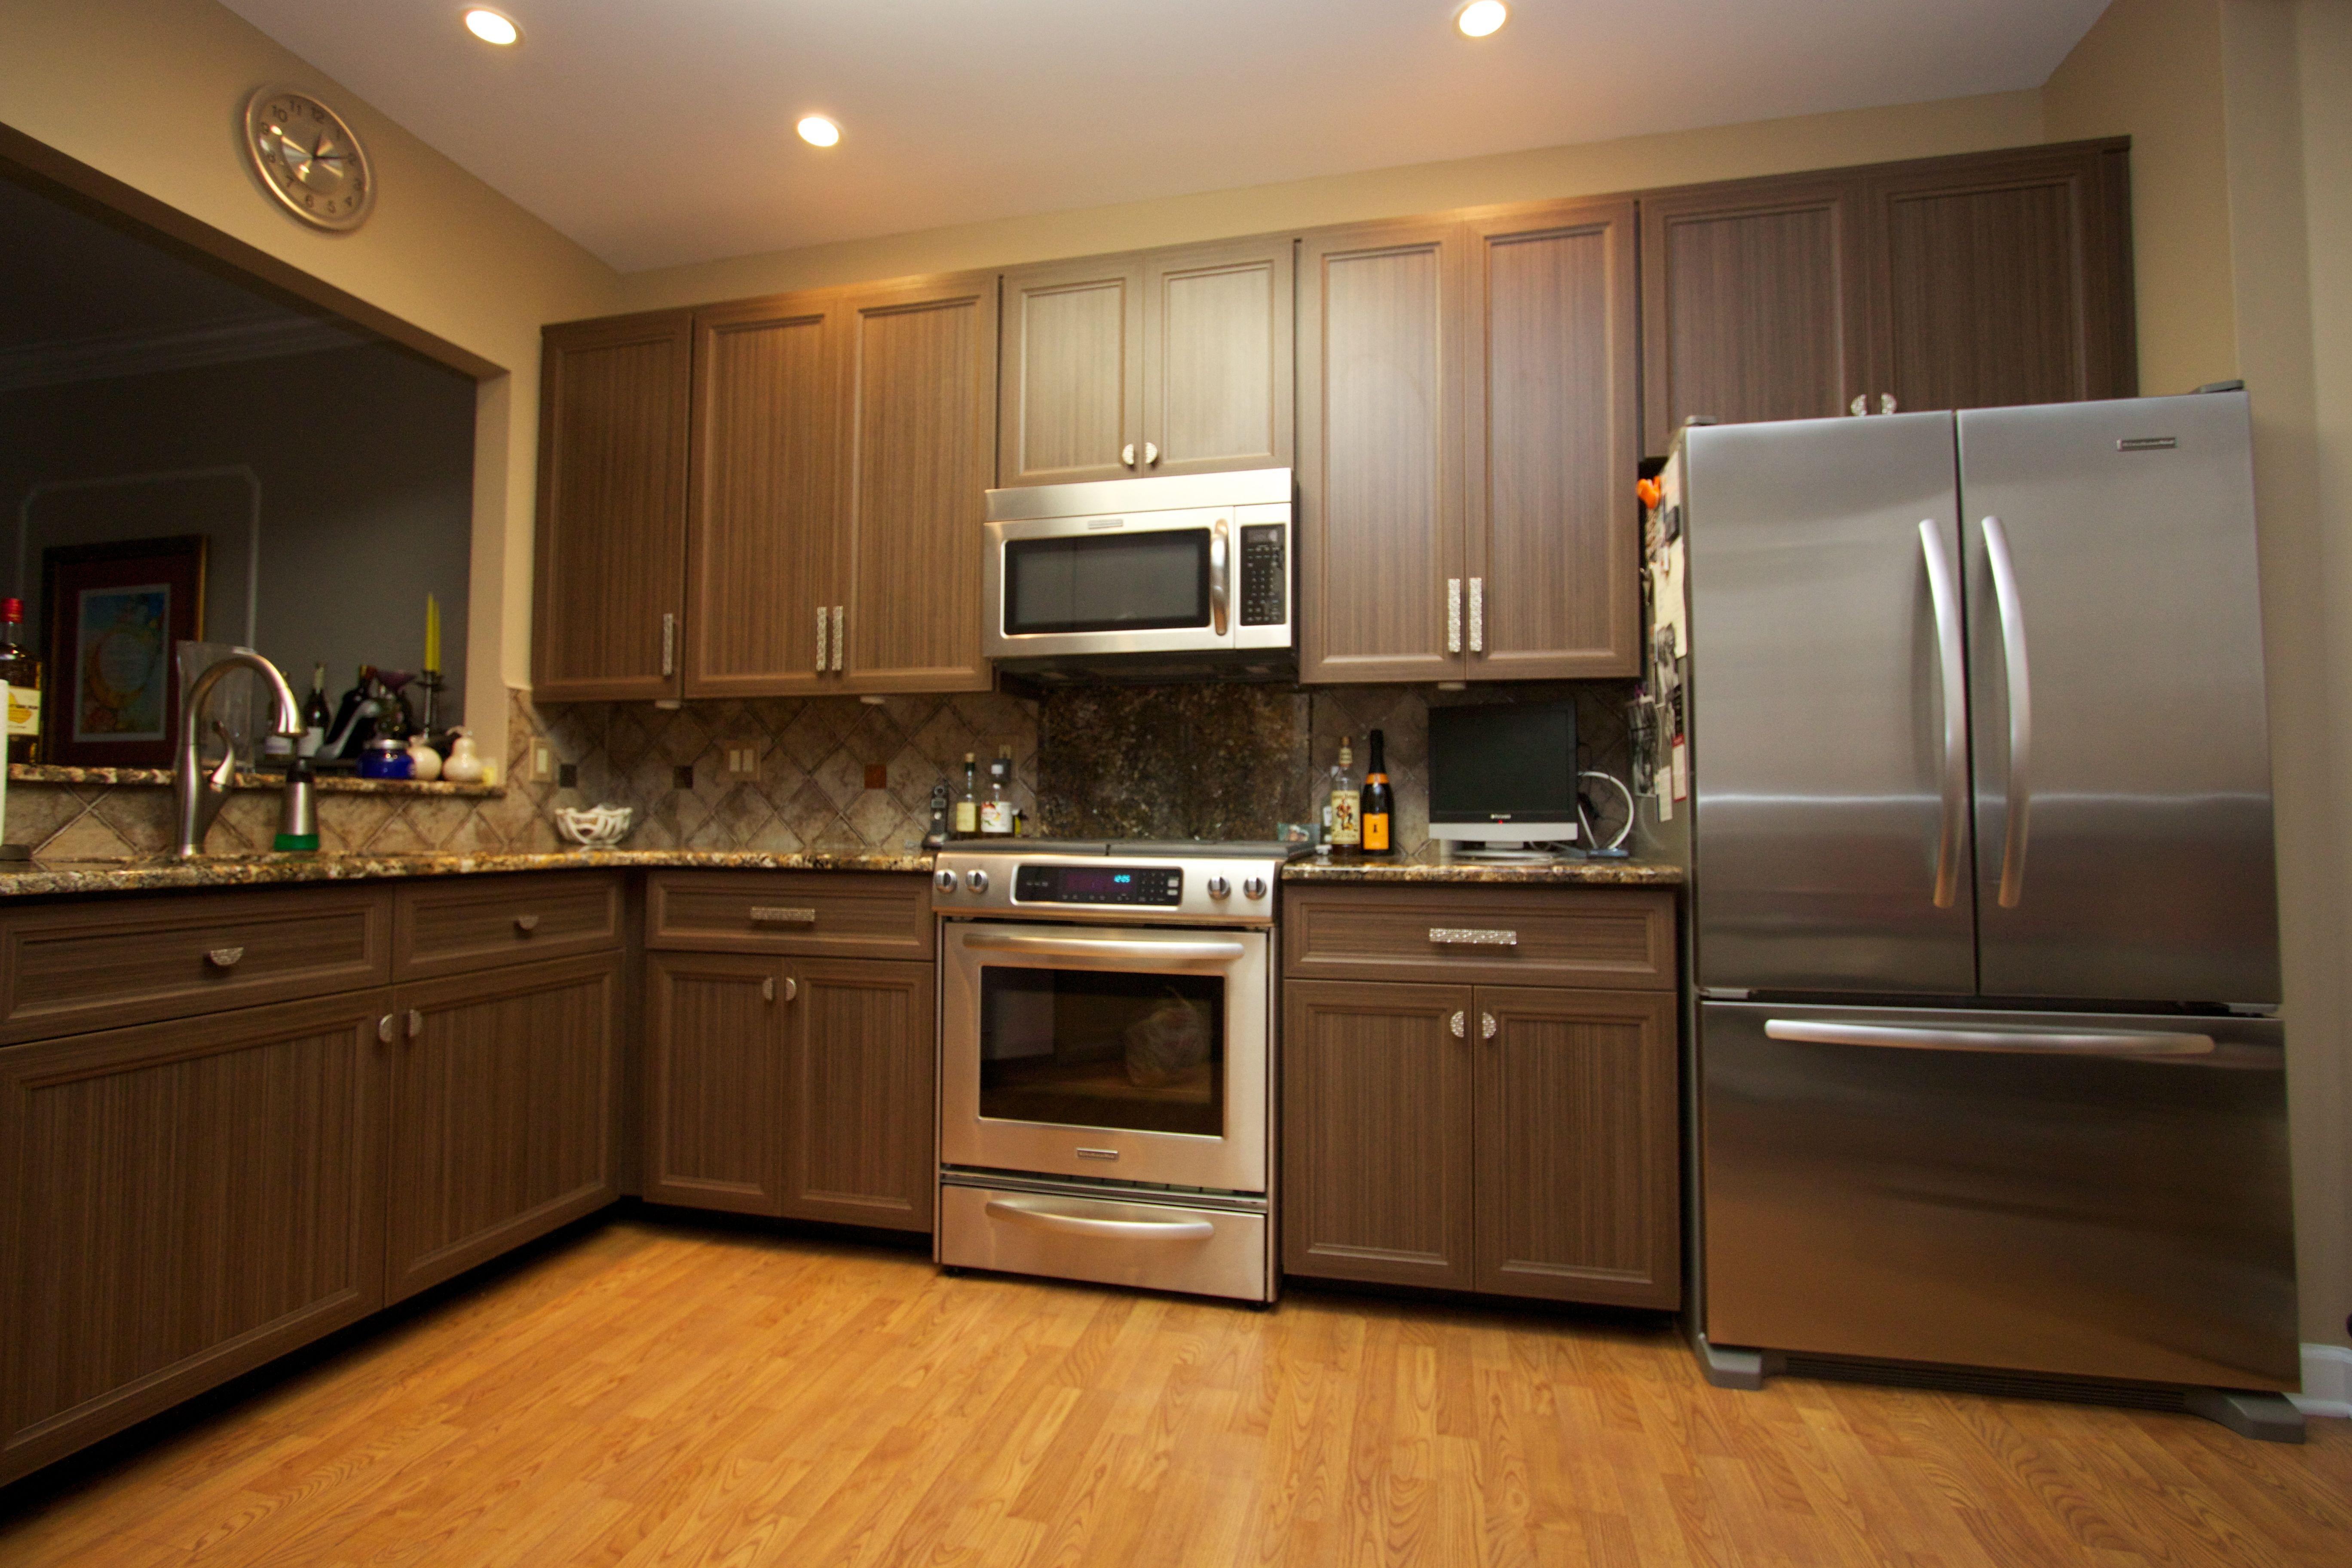 Kitchen Cabinet Refacing Gallery Kitchen Saver Refacing Kitchen Cabinets Cost Refurbished Kitchen Cabinets New Kitchen Cabinet Doors